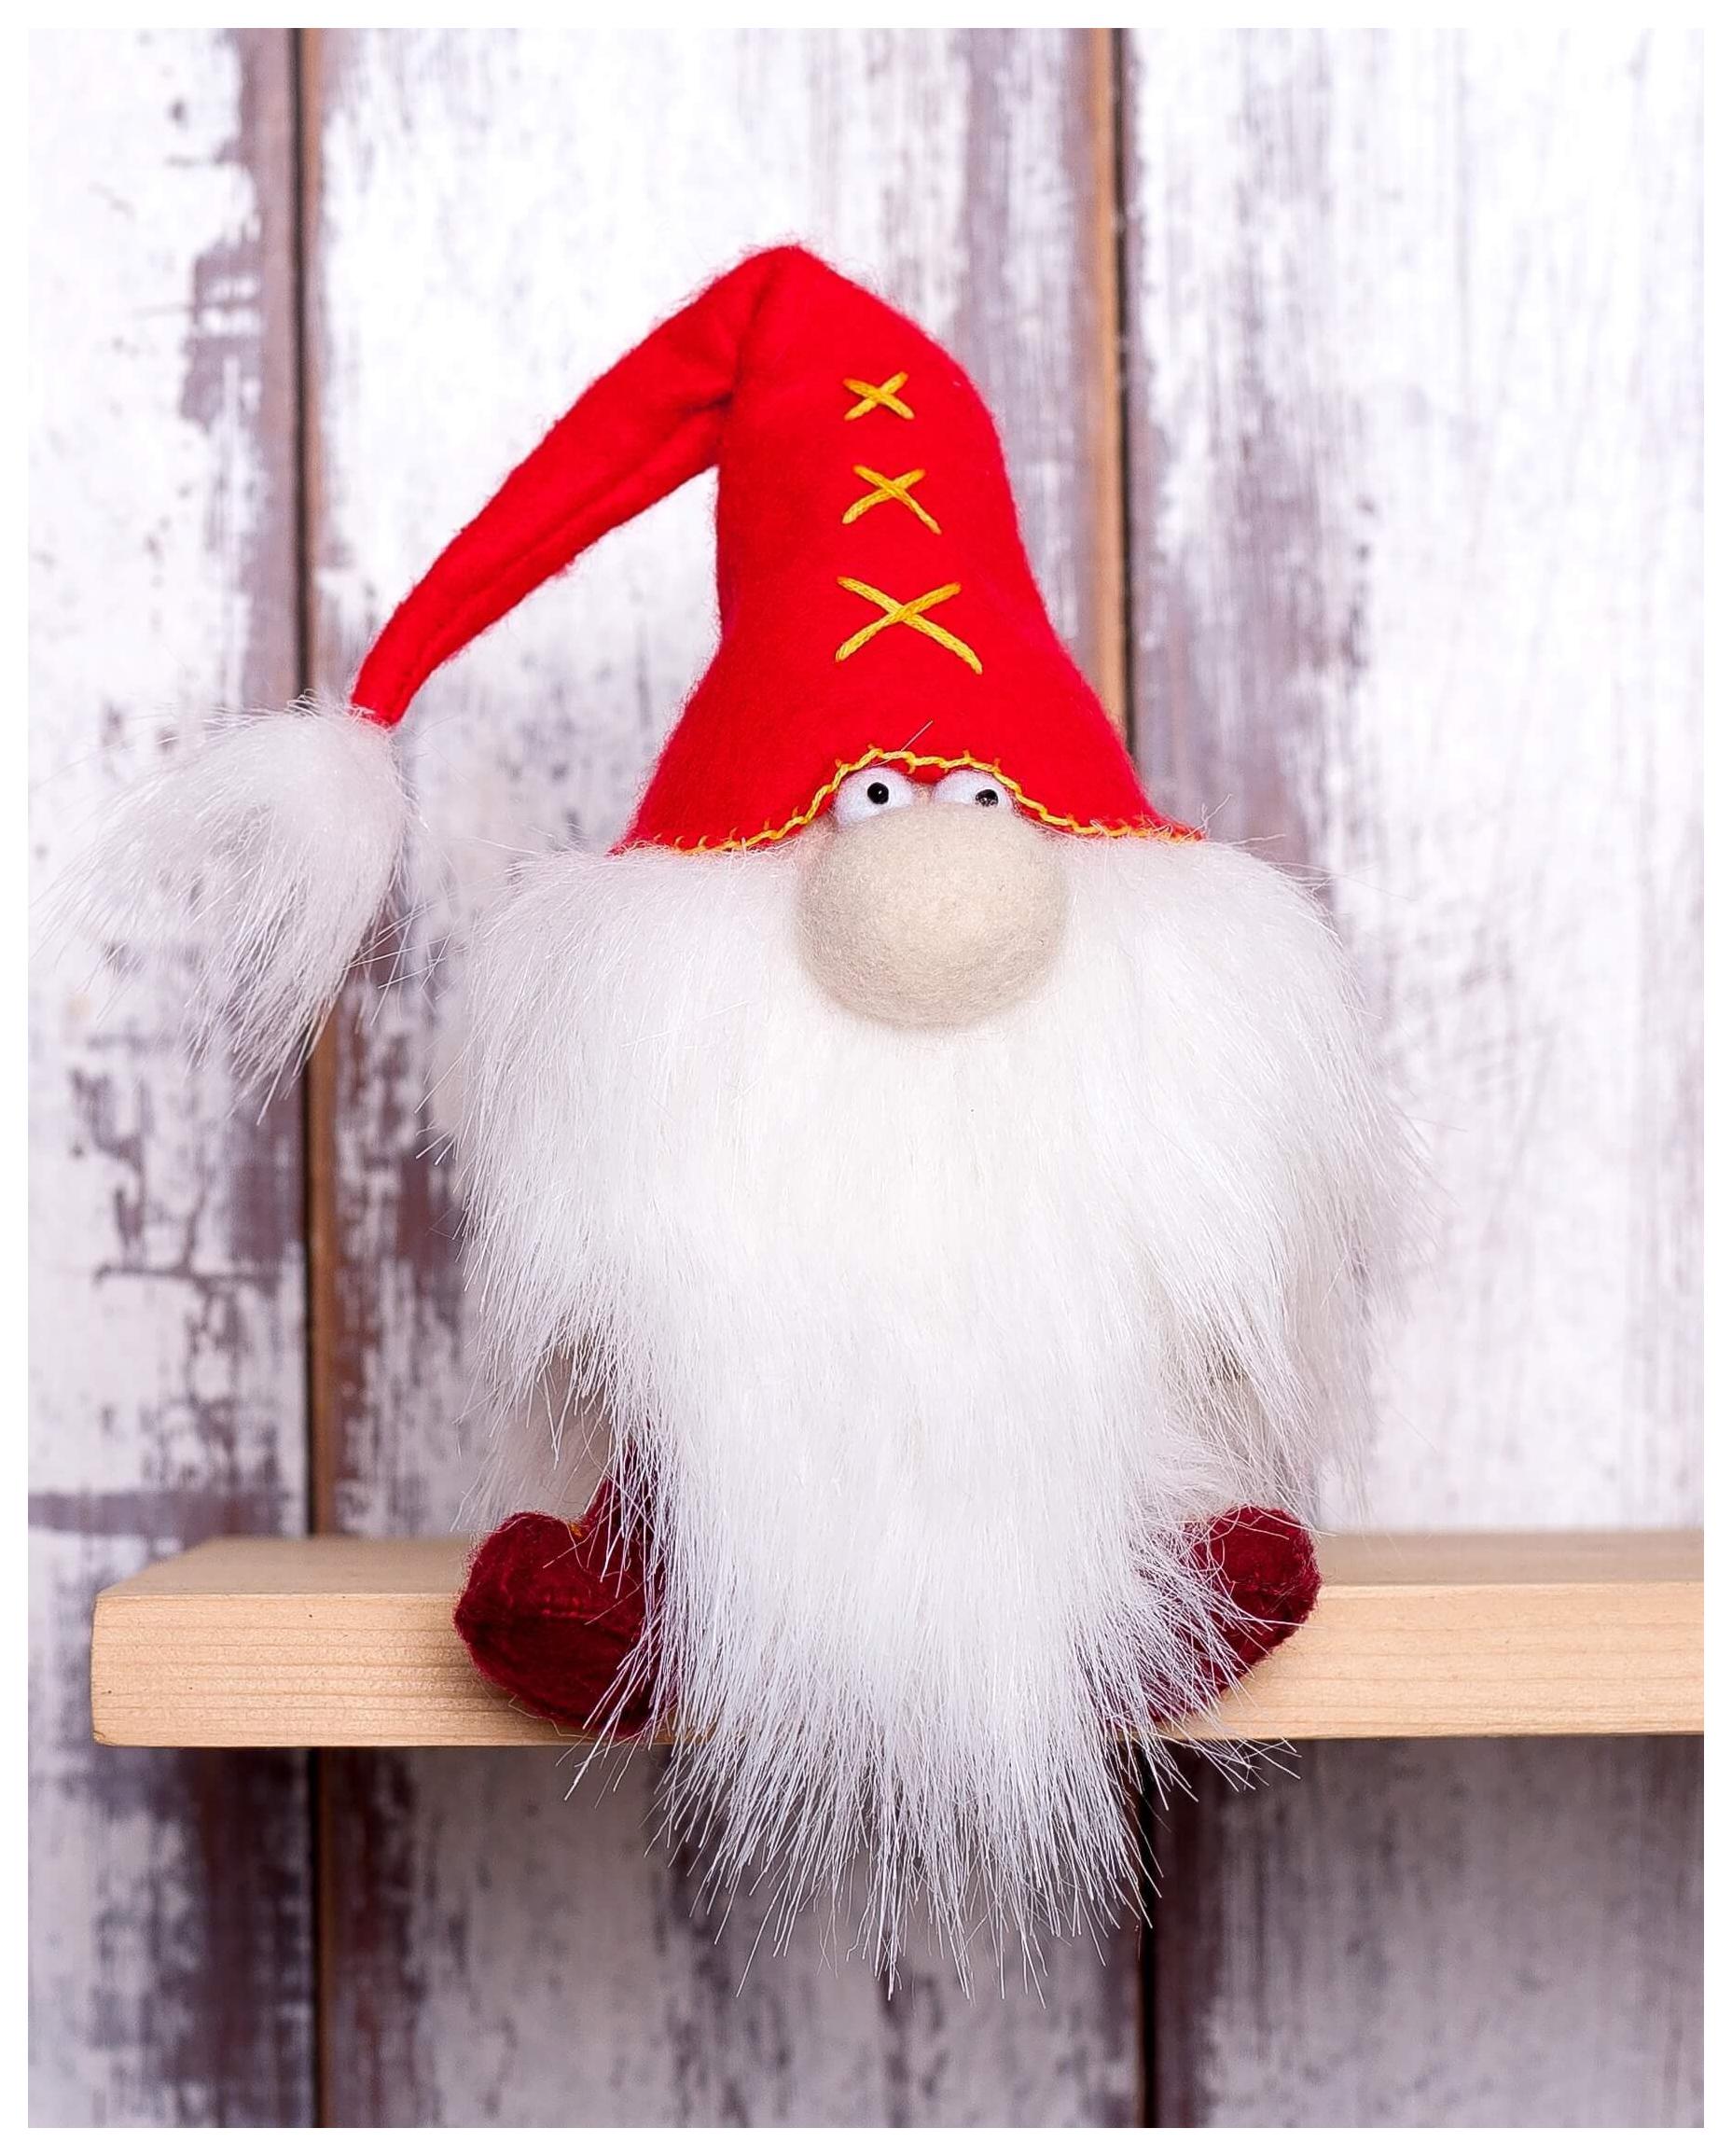 Купить Набор для создания текстильной игрушки из фетра Красный гном, 15, 5 см, Перловка, Рукоделие